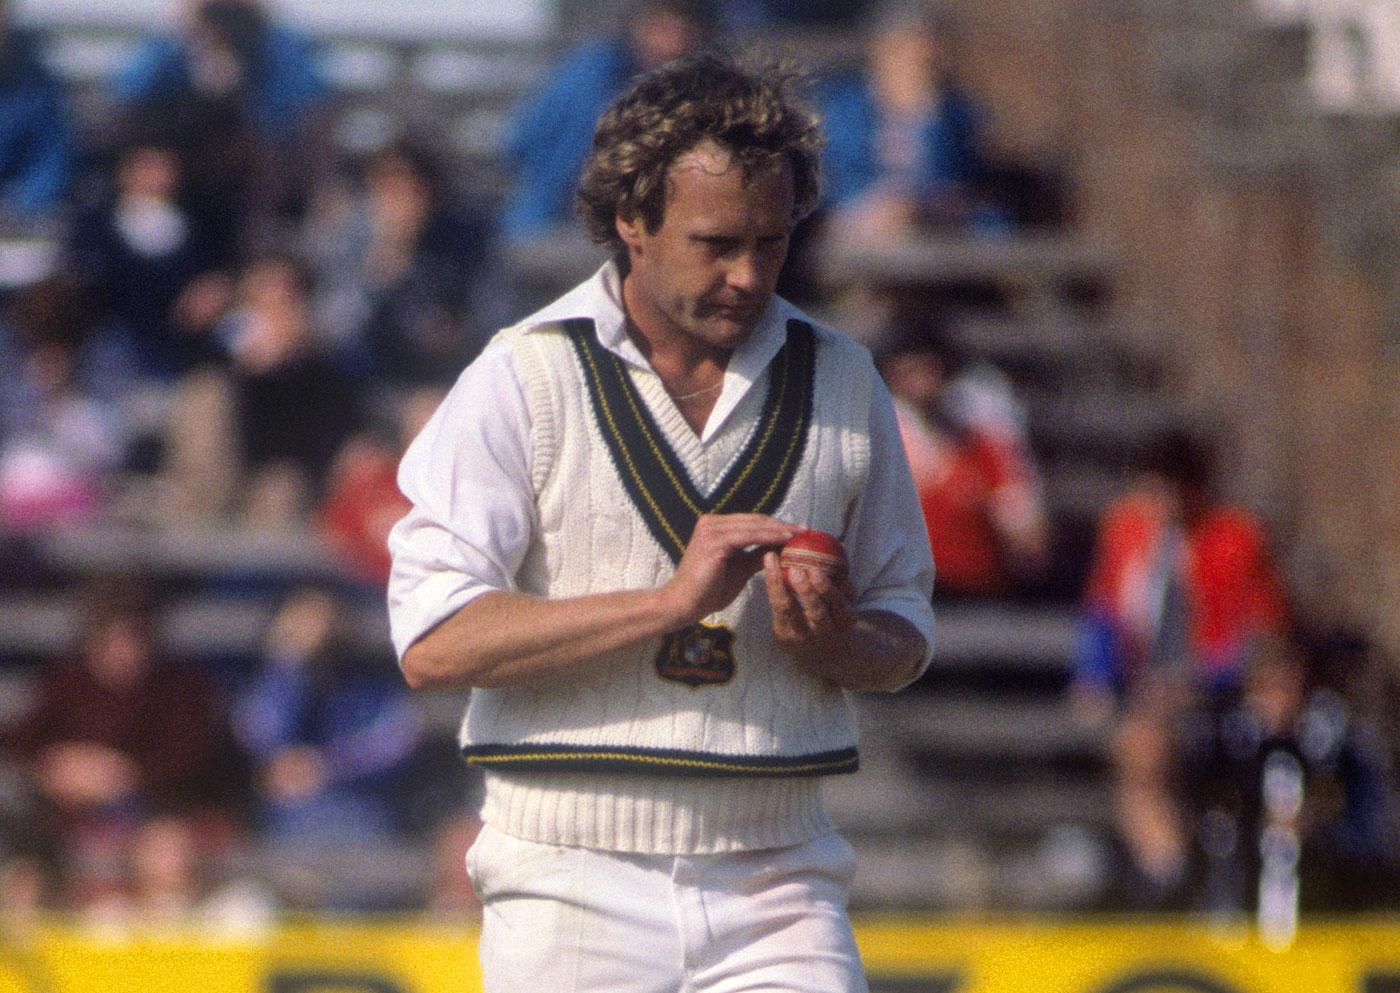 Rodney Hogg: